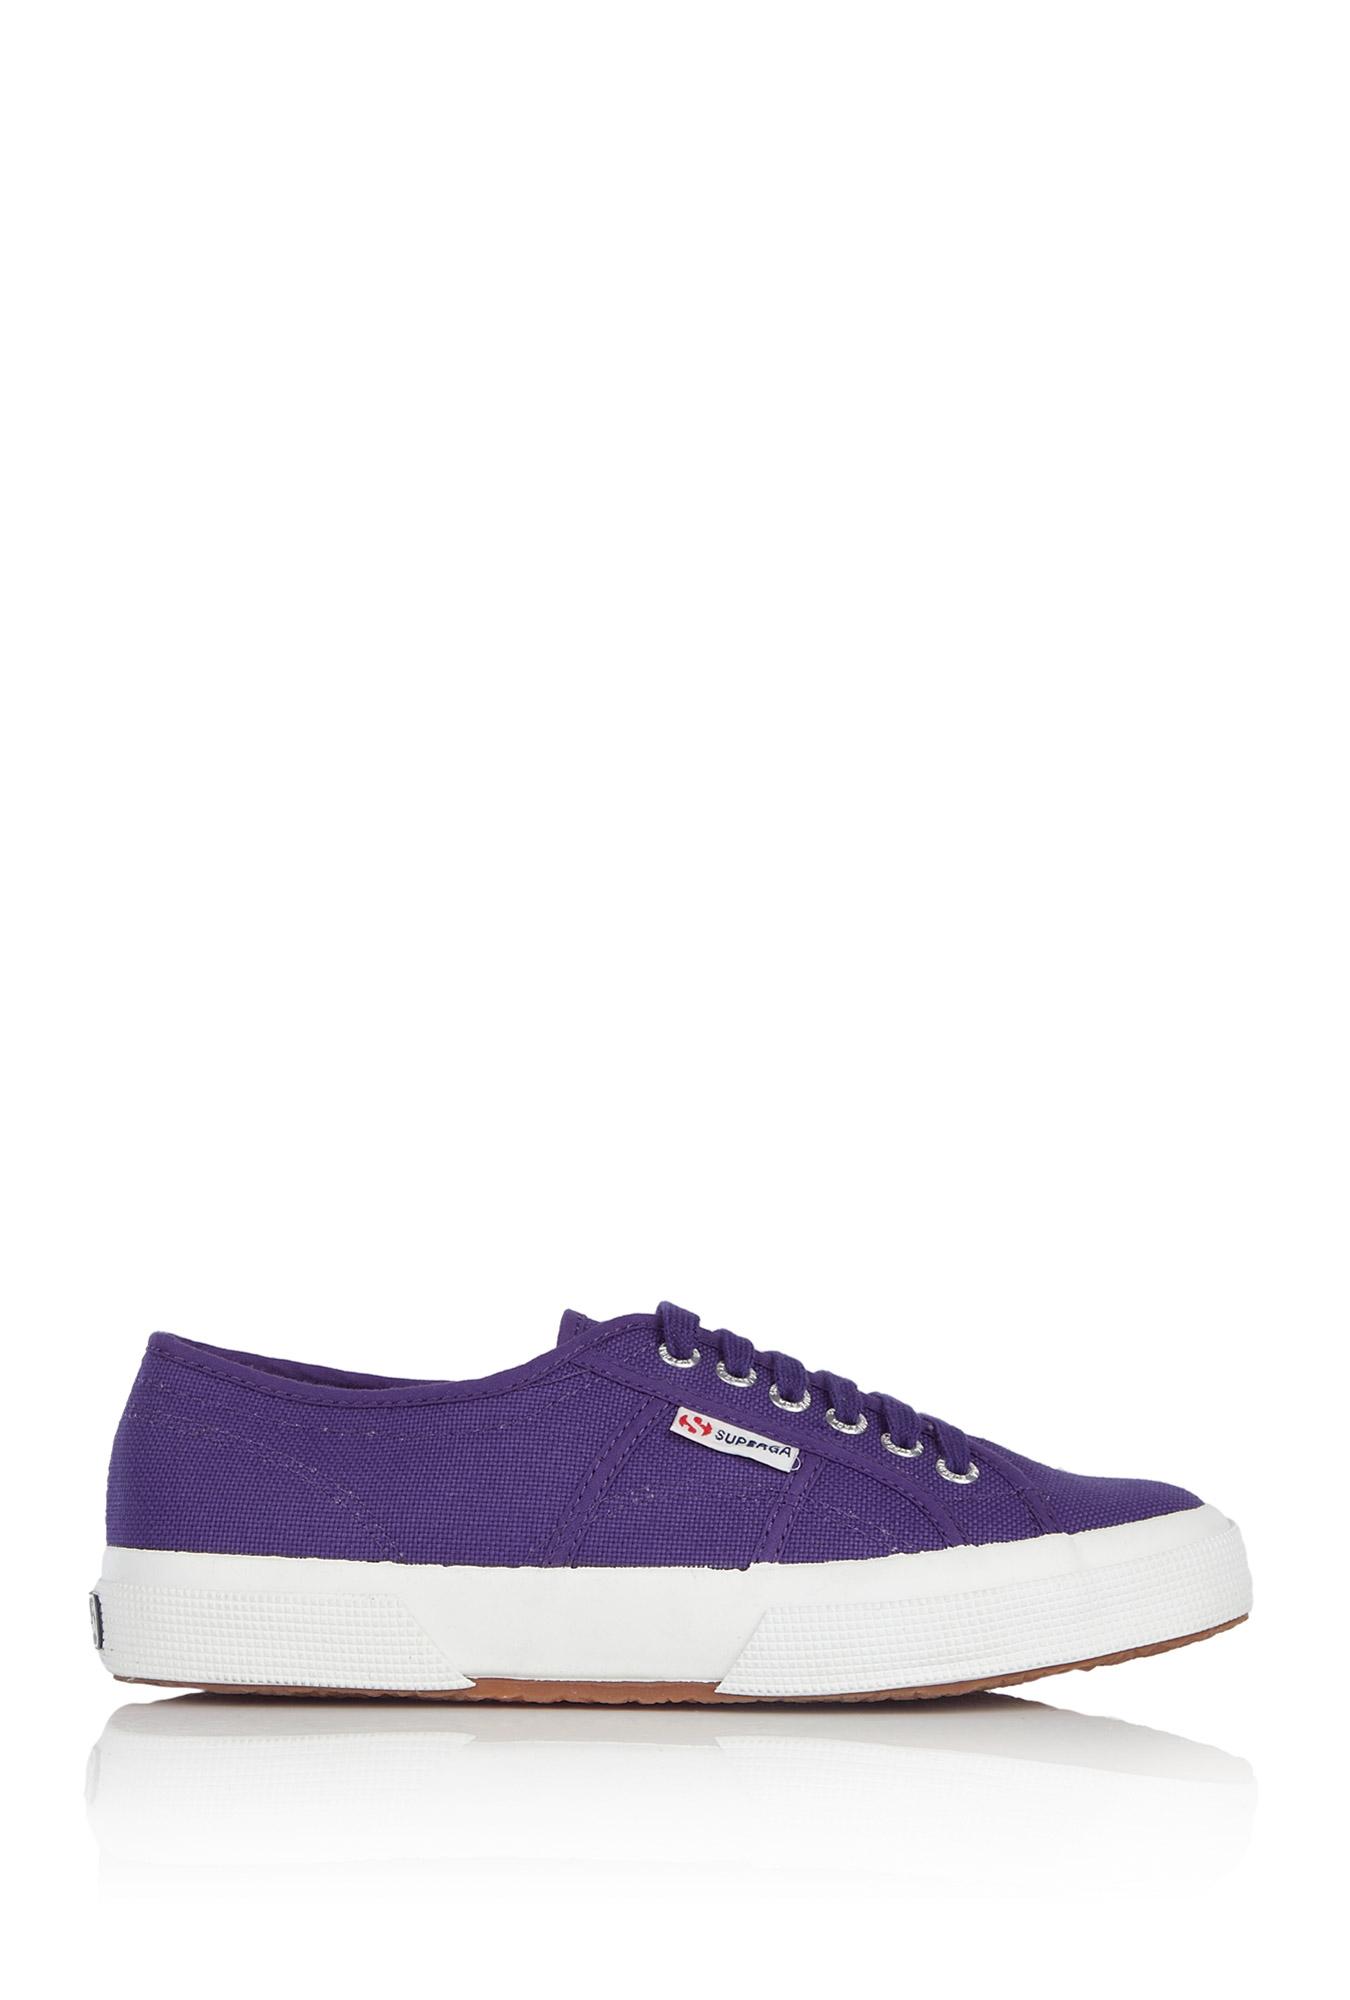 Superga: Superga Sneakers In Purple